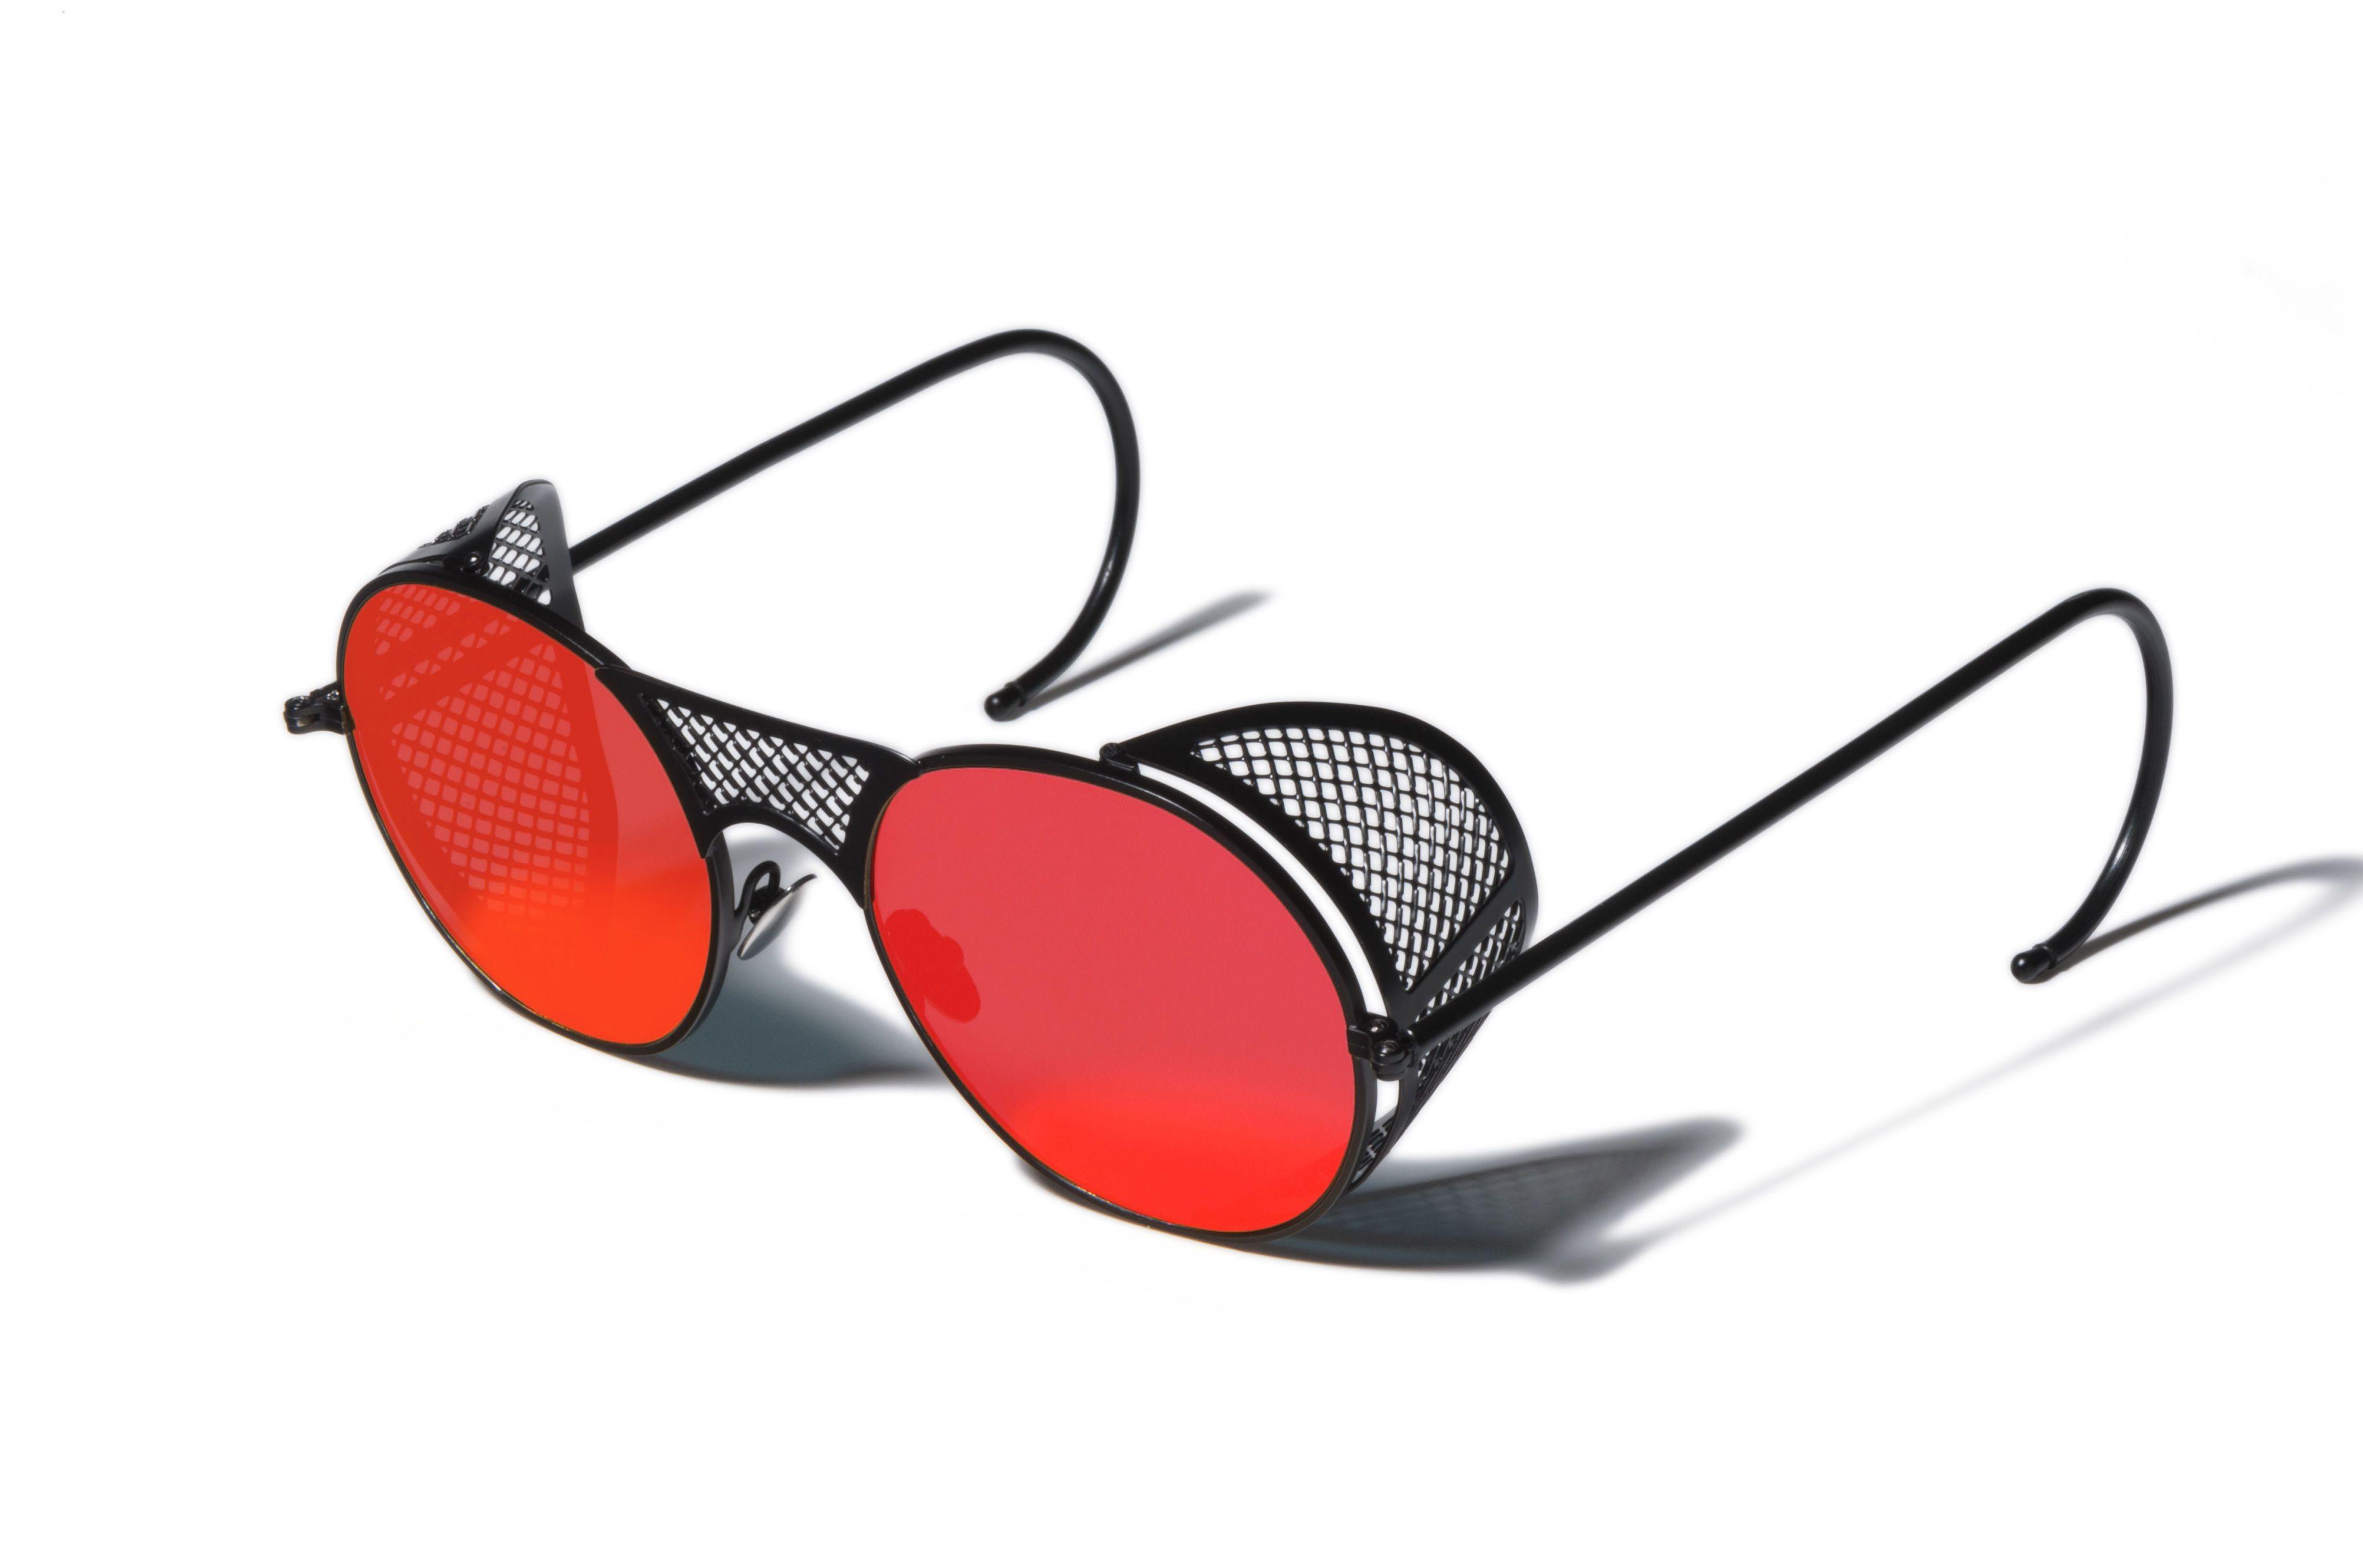 rilasciare informazioni su goditi un grande sconto una grande varietà di modelli Tendenze eyewear: tutti gli occhiali dal Mido 2015